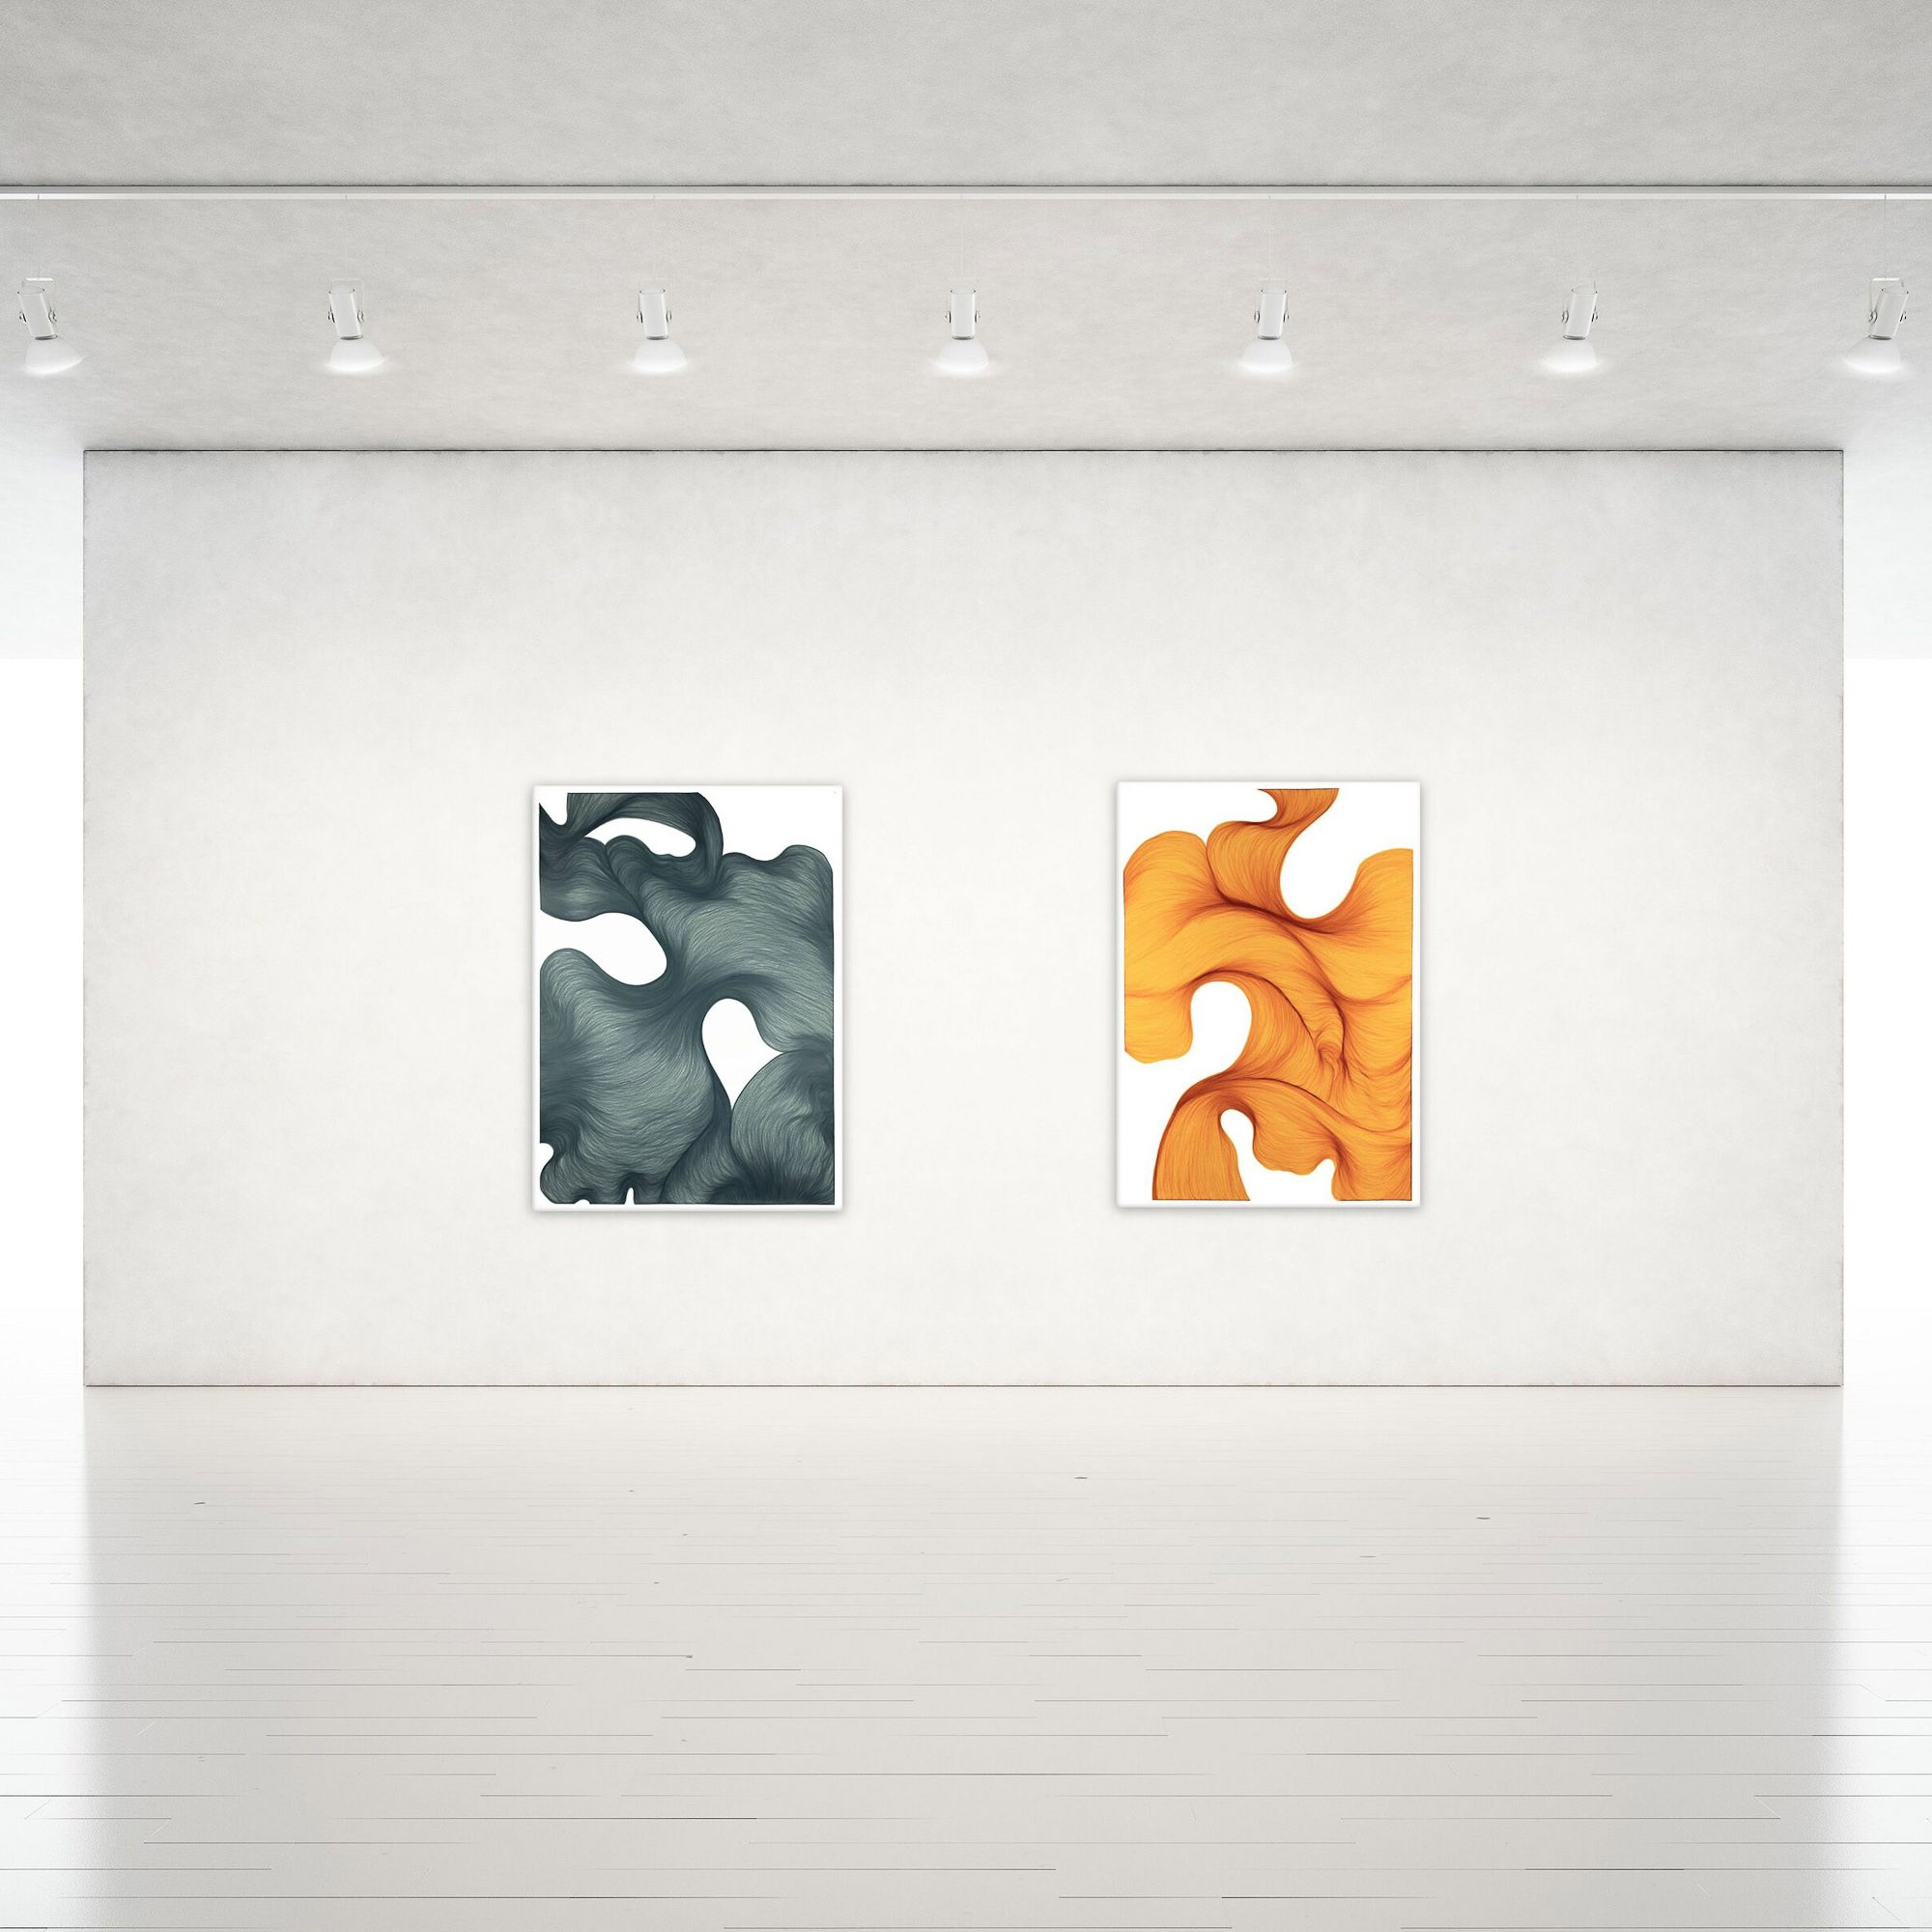 Sunlight Melt | Lali Torma | Zeichnung | Kalligraphie Tinte auf Papier - Galerieansicht 2